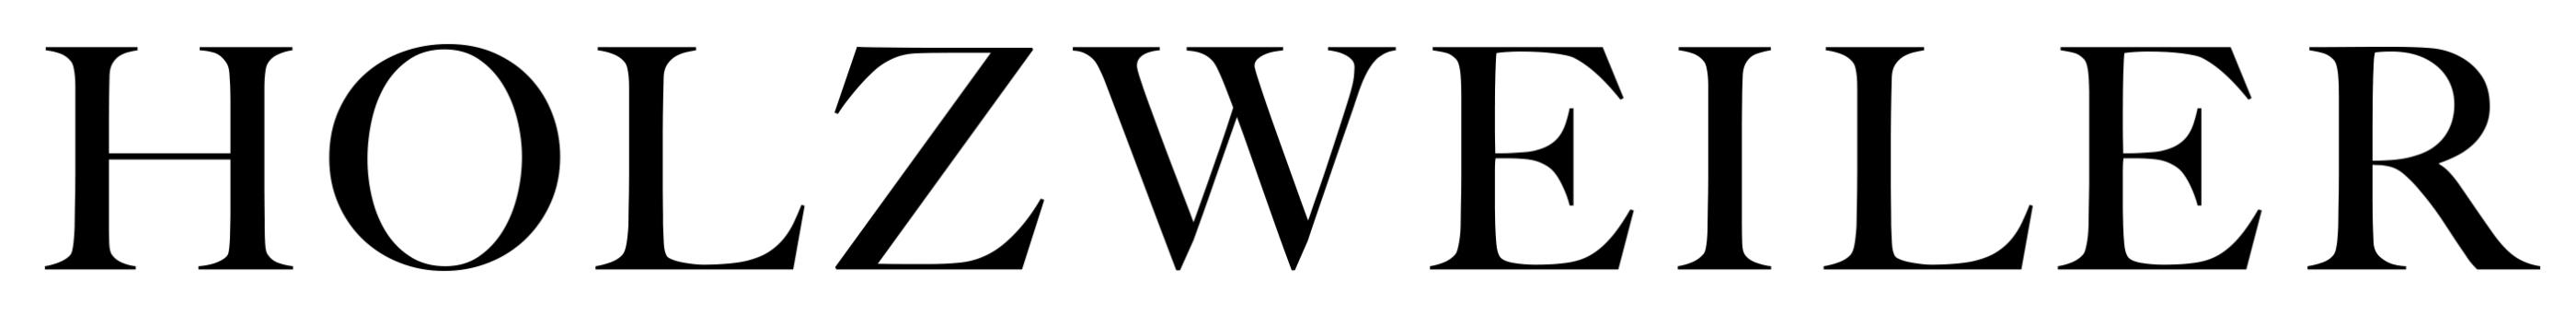 holzweiler-logo-jpg